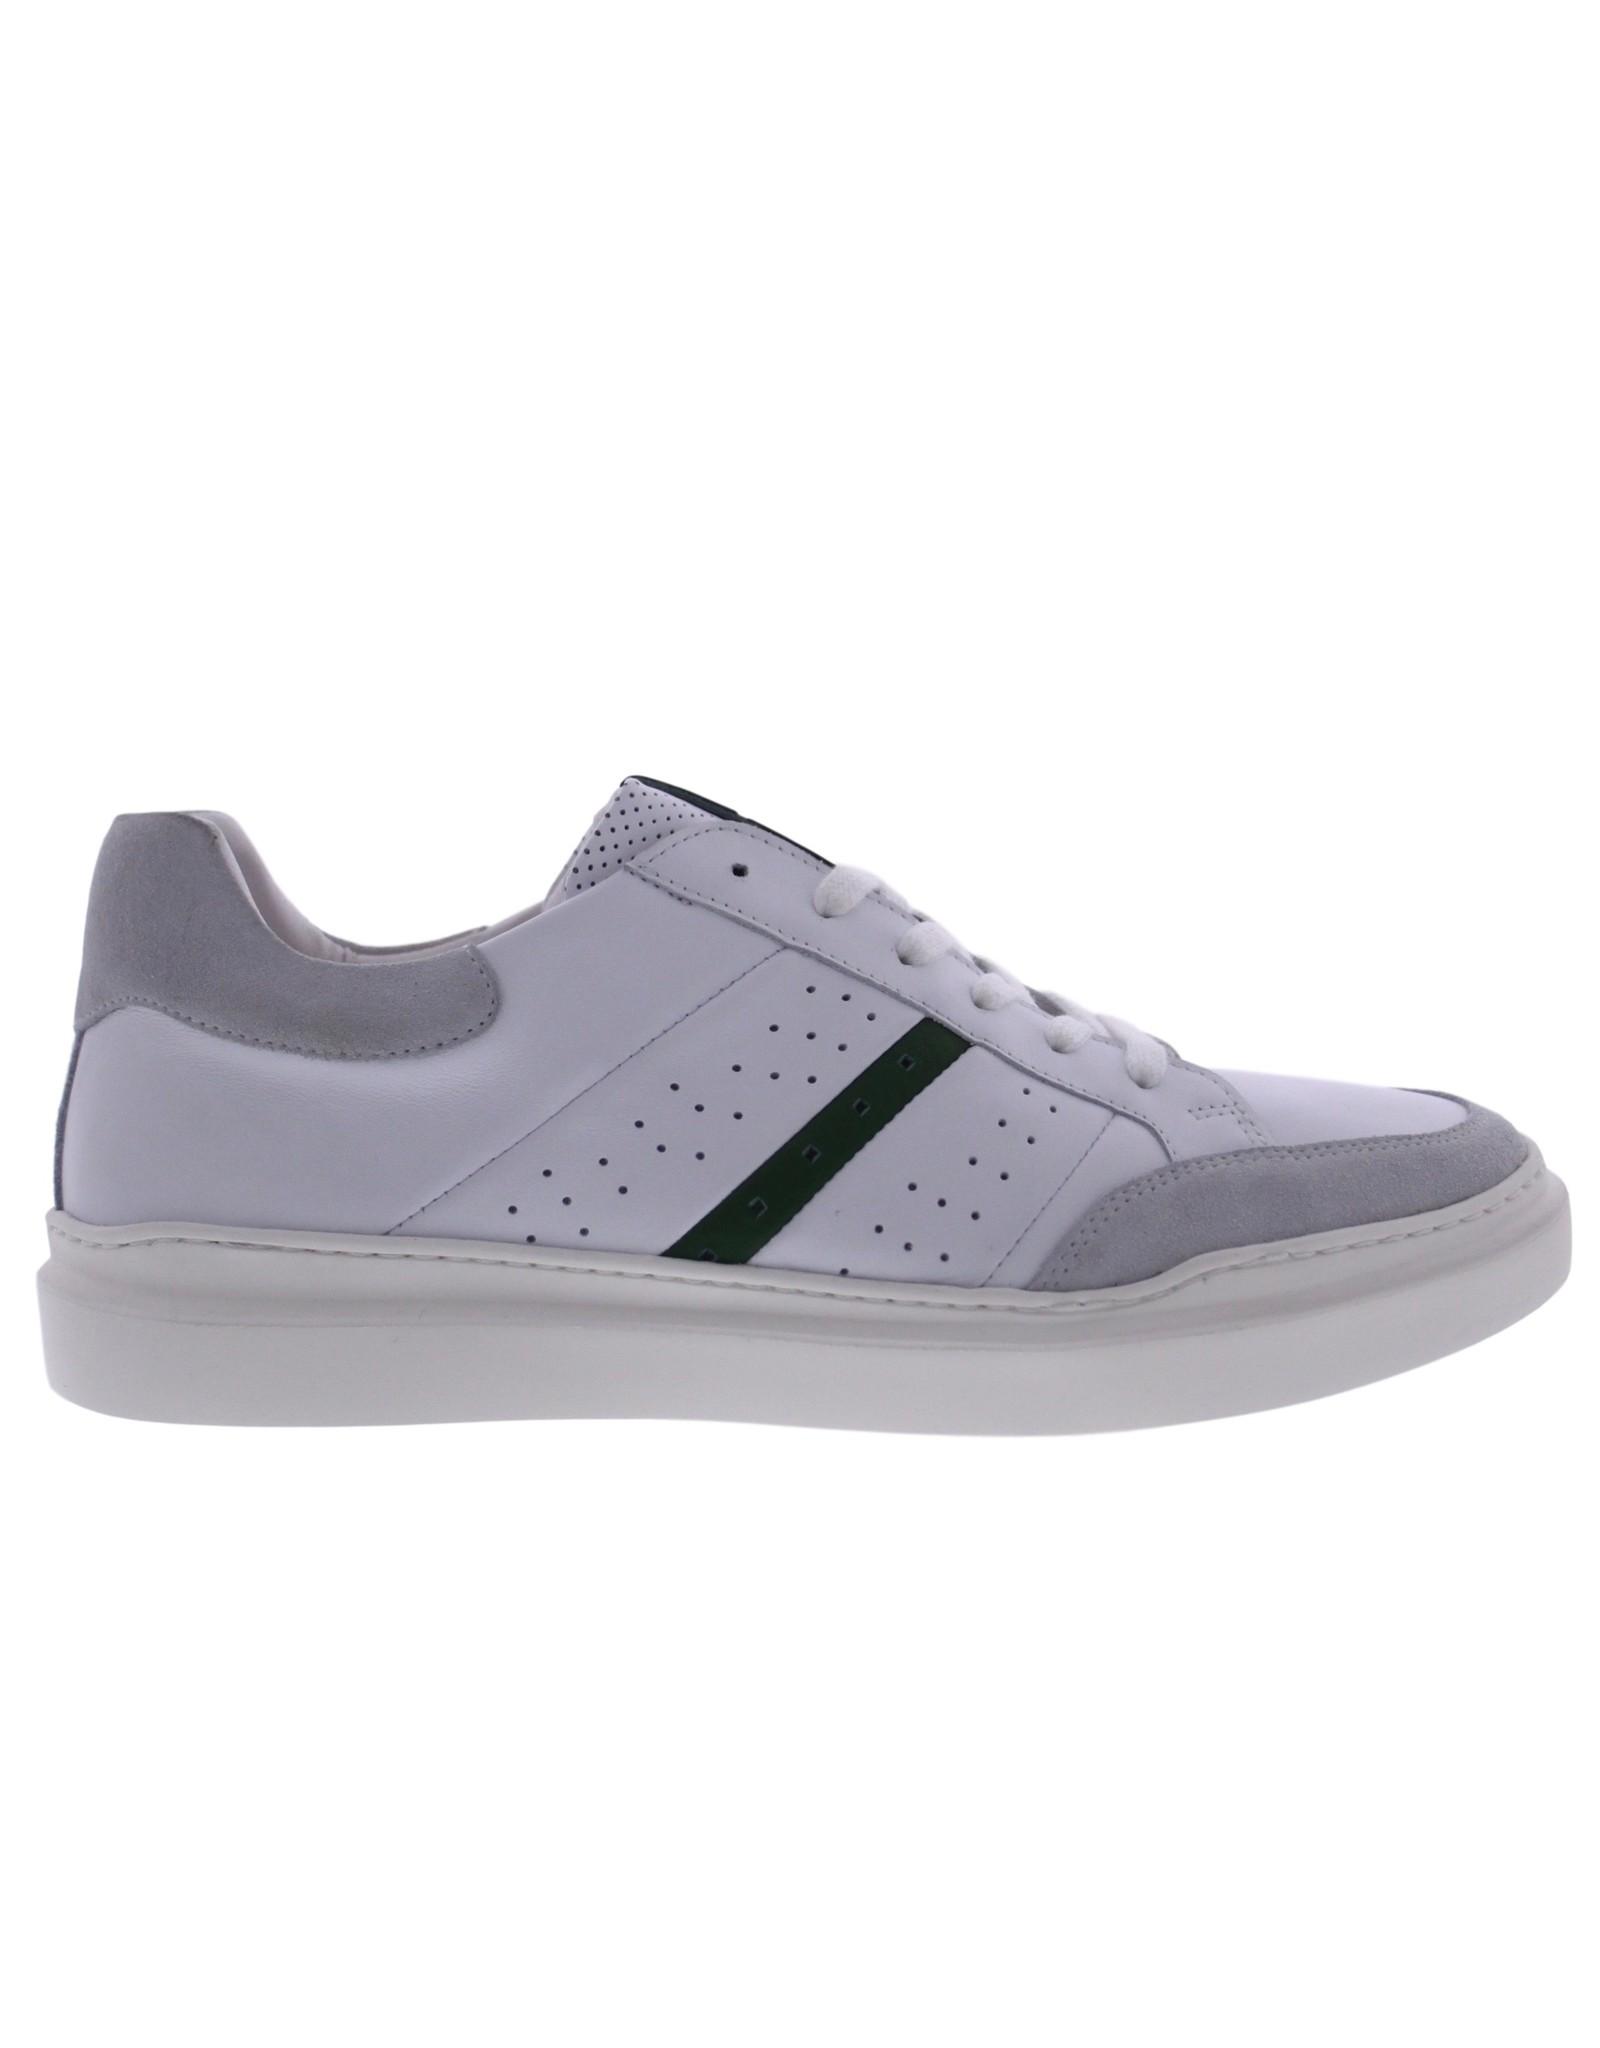 Livingstone Livingstone - Heren Sneaker Wit Groen